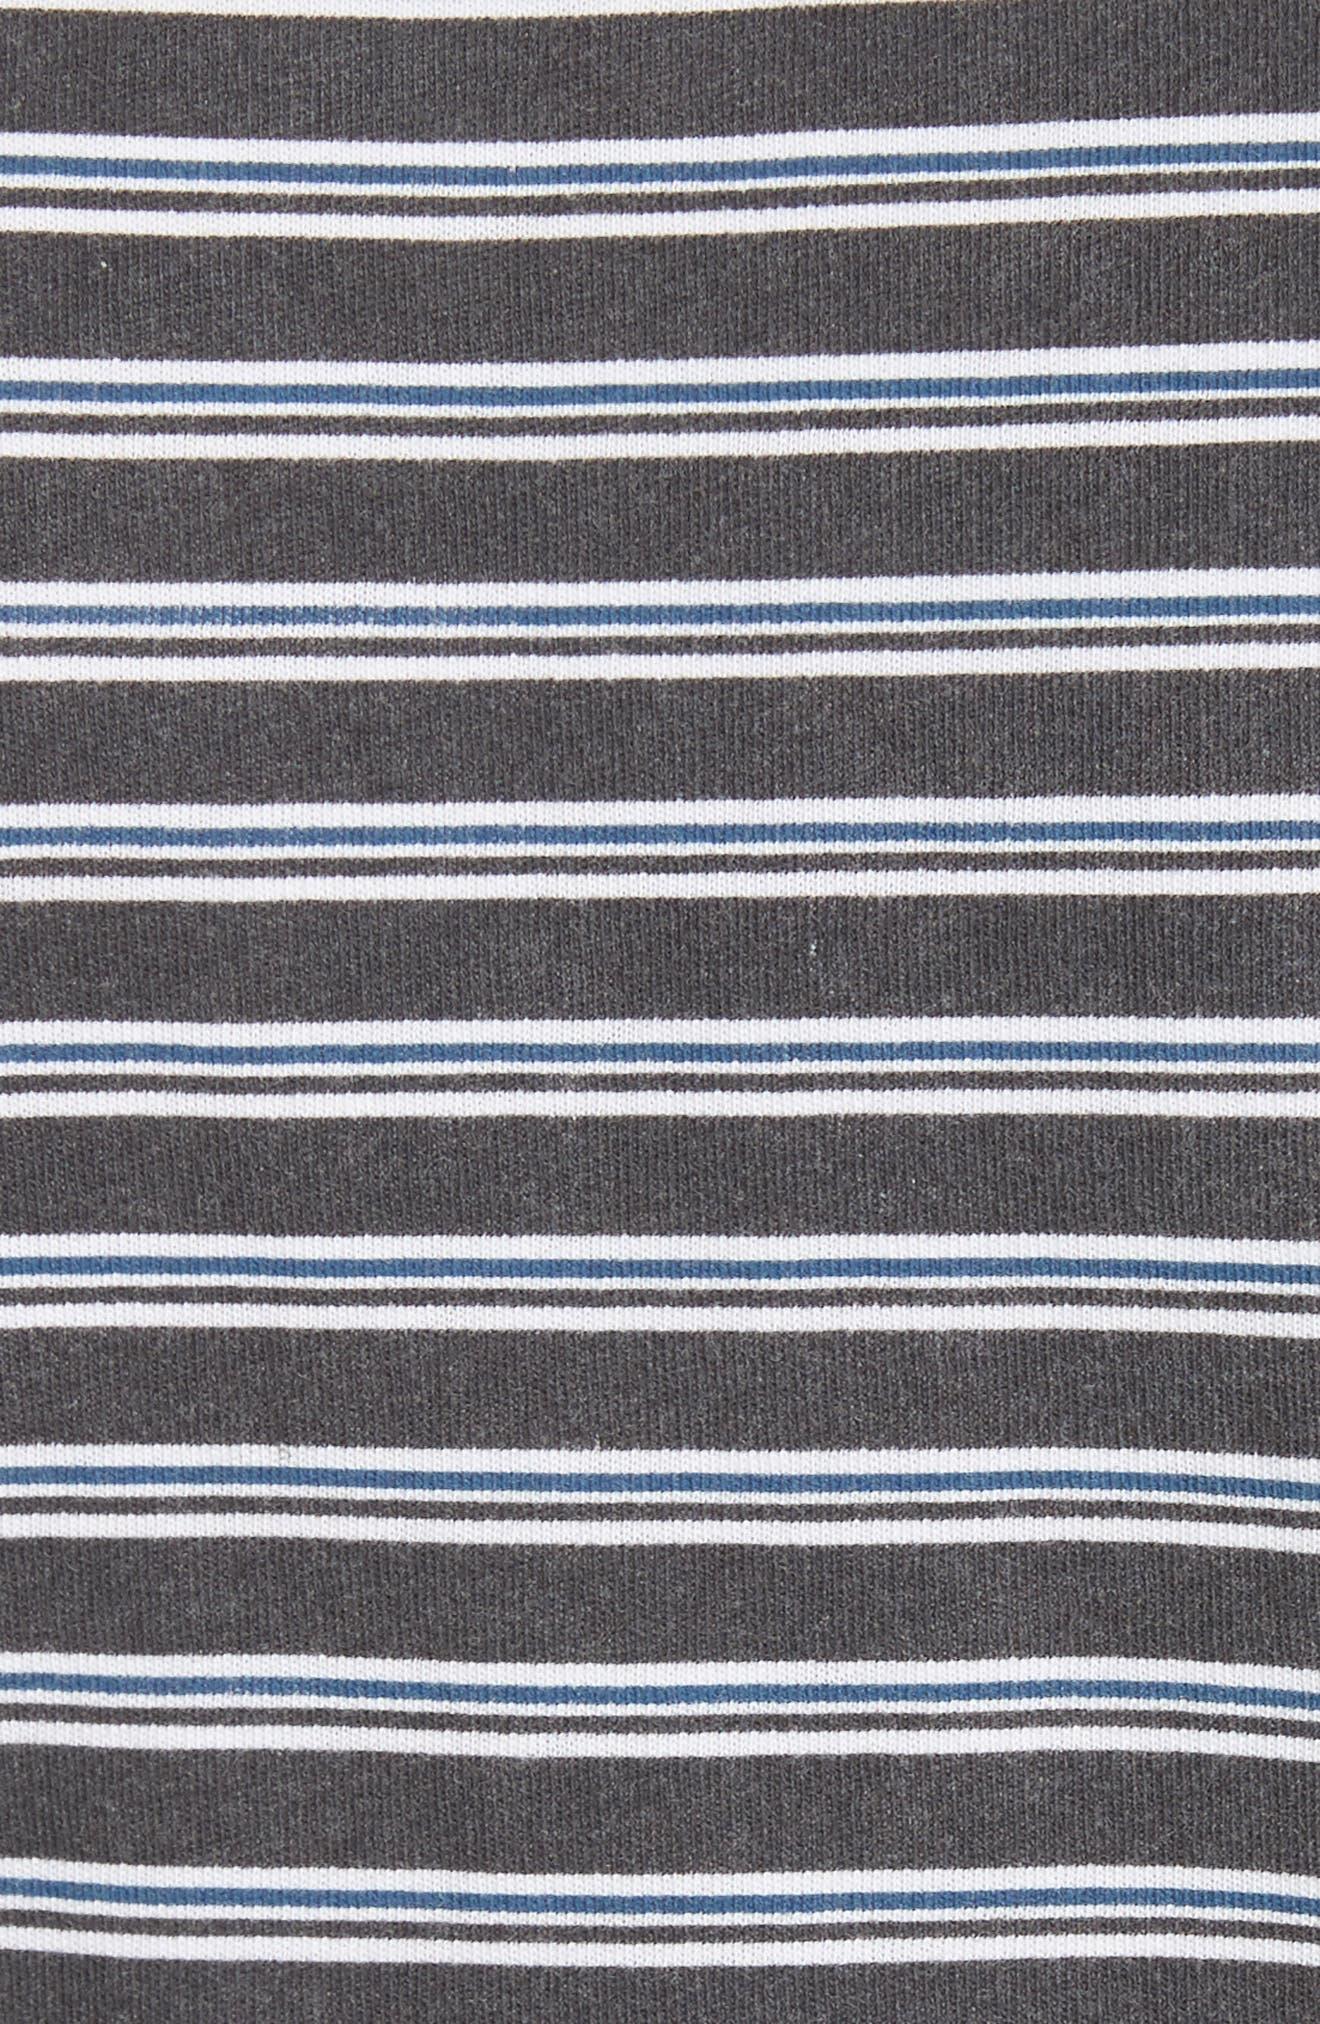 Ruched Stripe Cotton Tee,                             Alternate thumbnail 5, color,                             Black/ White/ Indigo Stripe